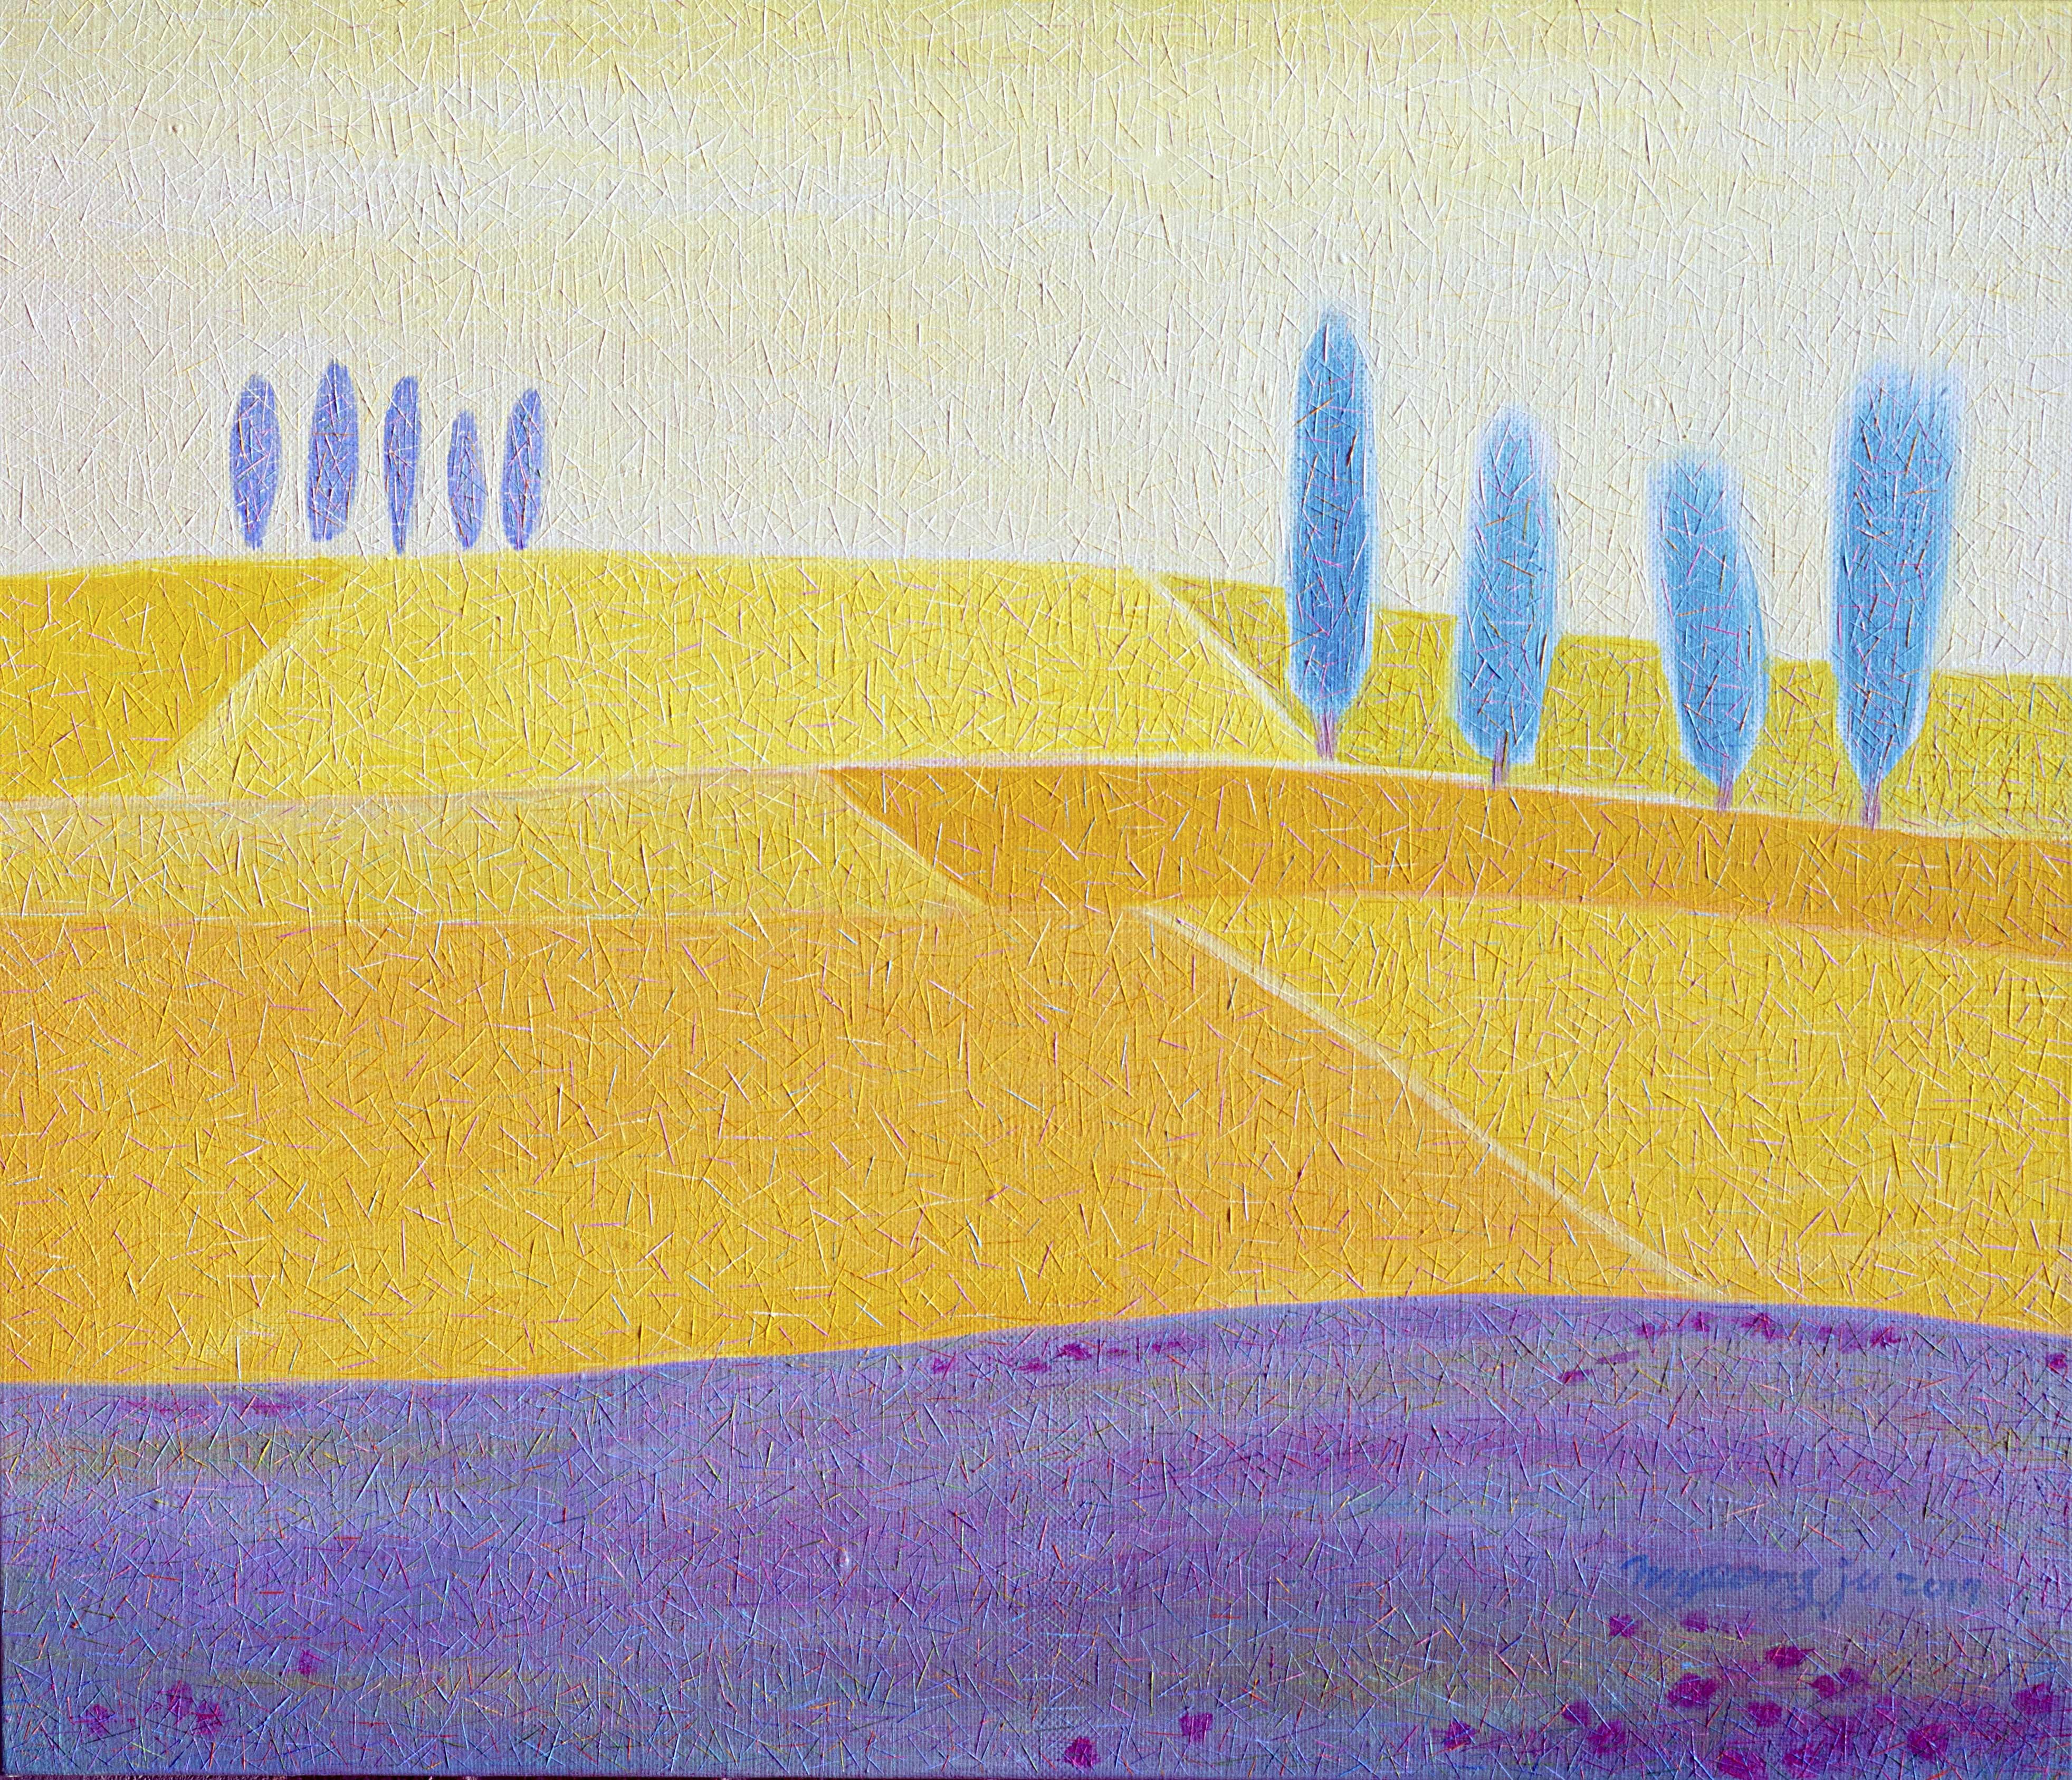 양귀비가 있는 밀밭 53×45.5.oil on canvas.고급개체